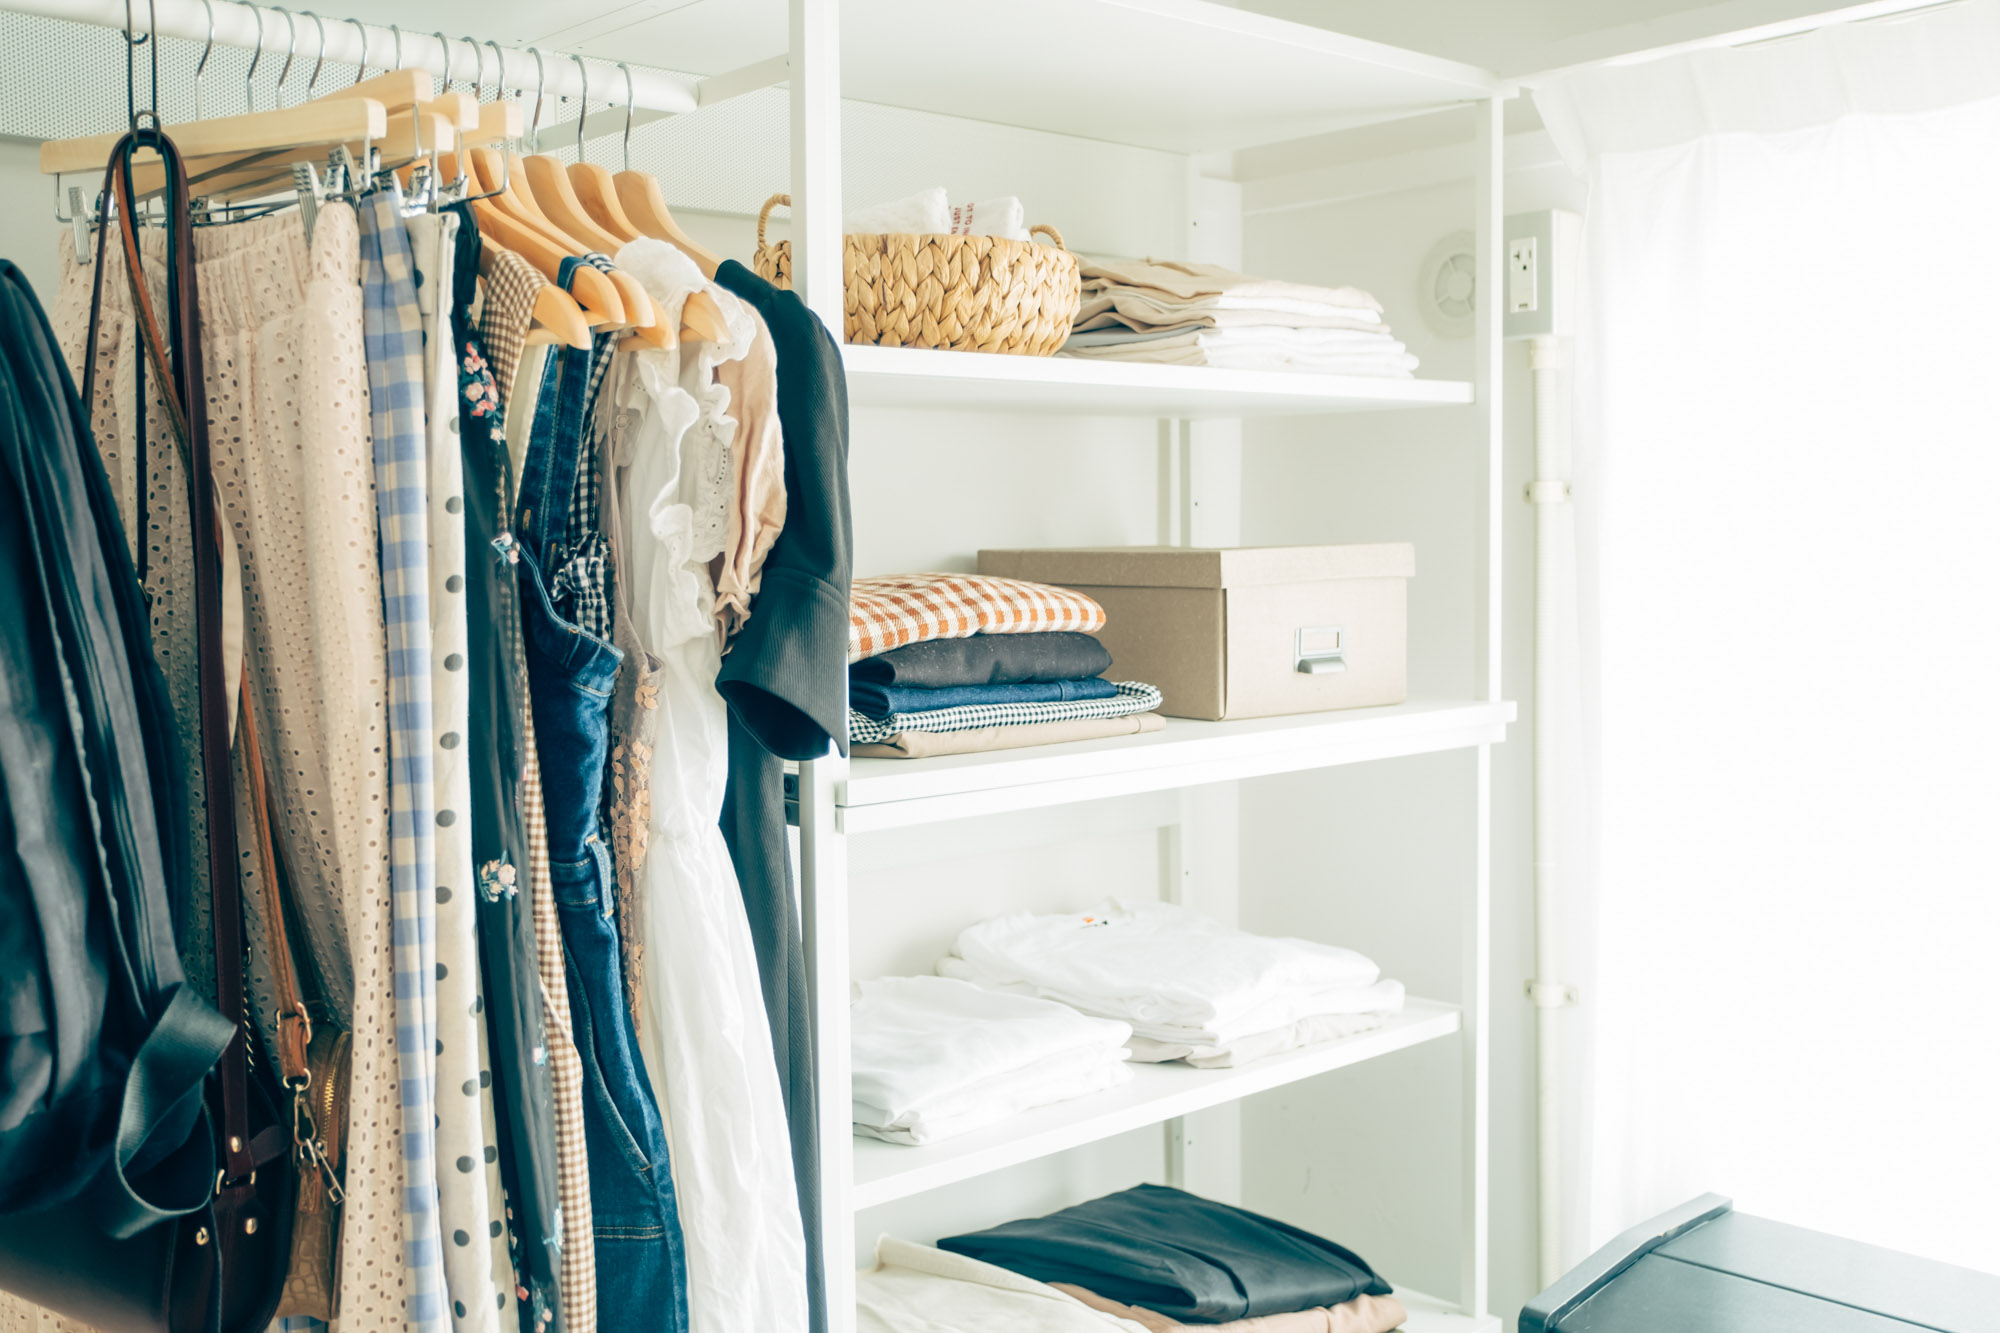 二人分の洋服は、ハンガーラックやオープンな収納棚にしっかり整頓されて収納。